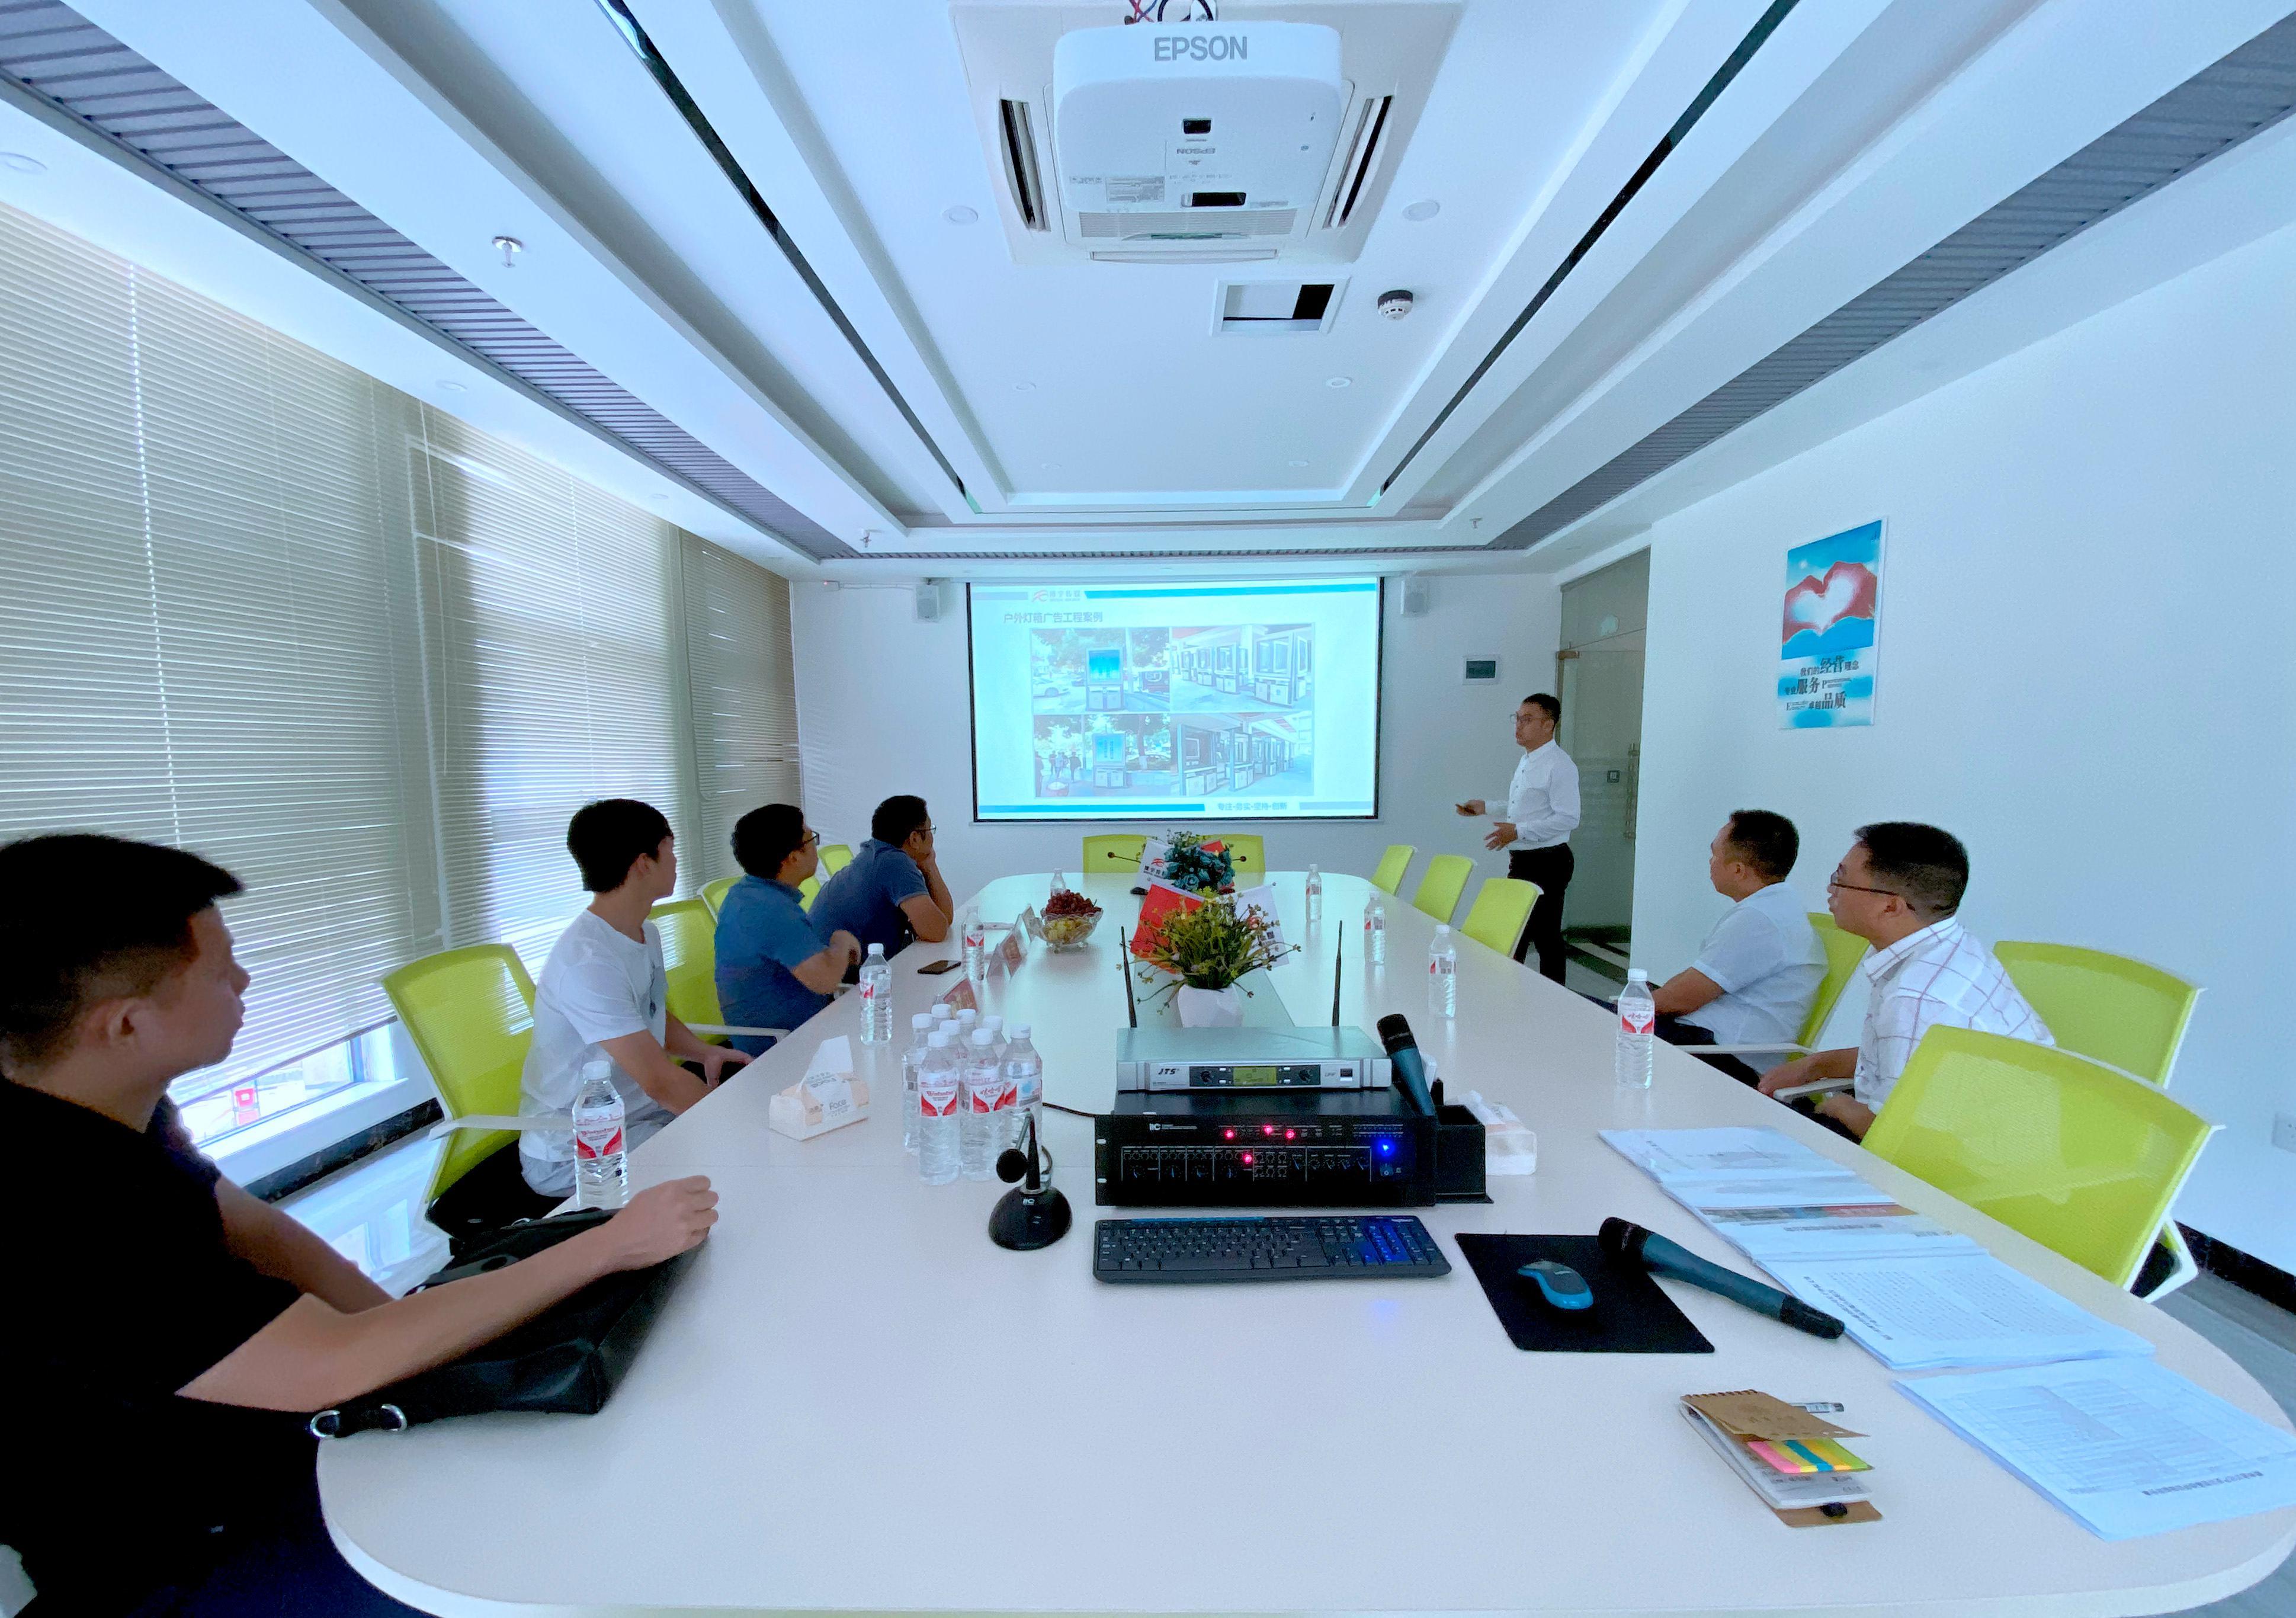 贵州大学旅游与文化产业学院专家组一行莅临我公司实地检查考评